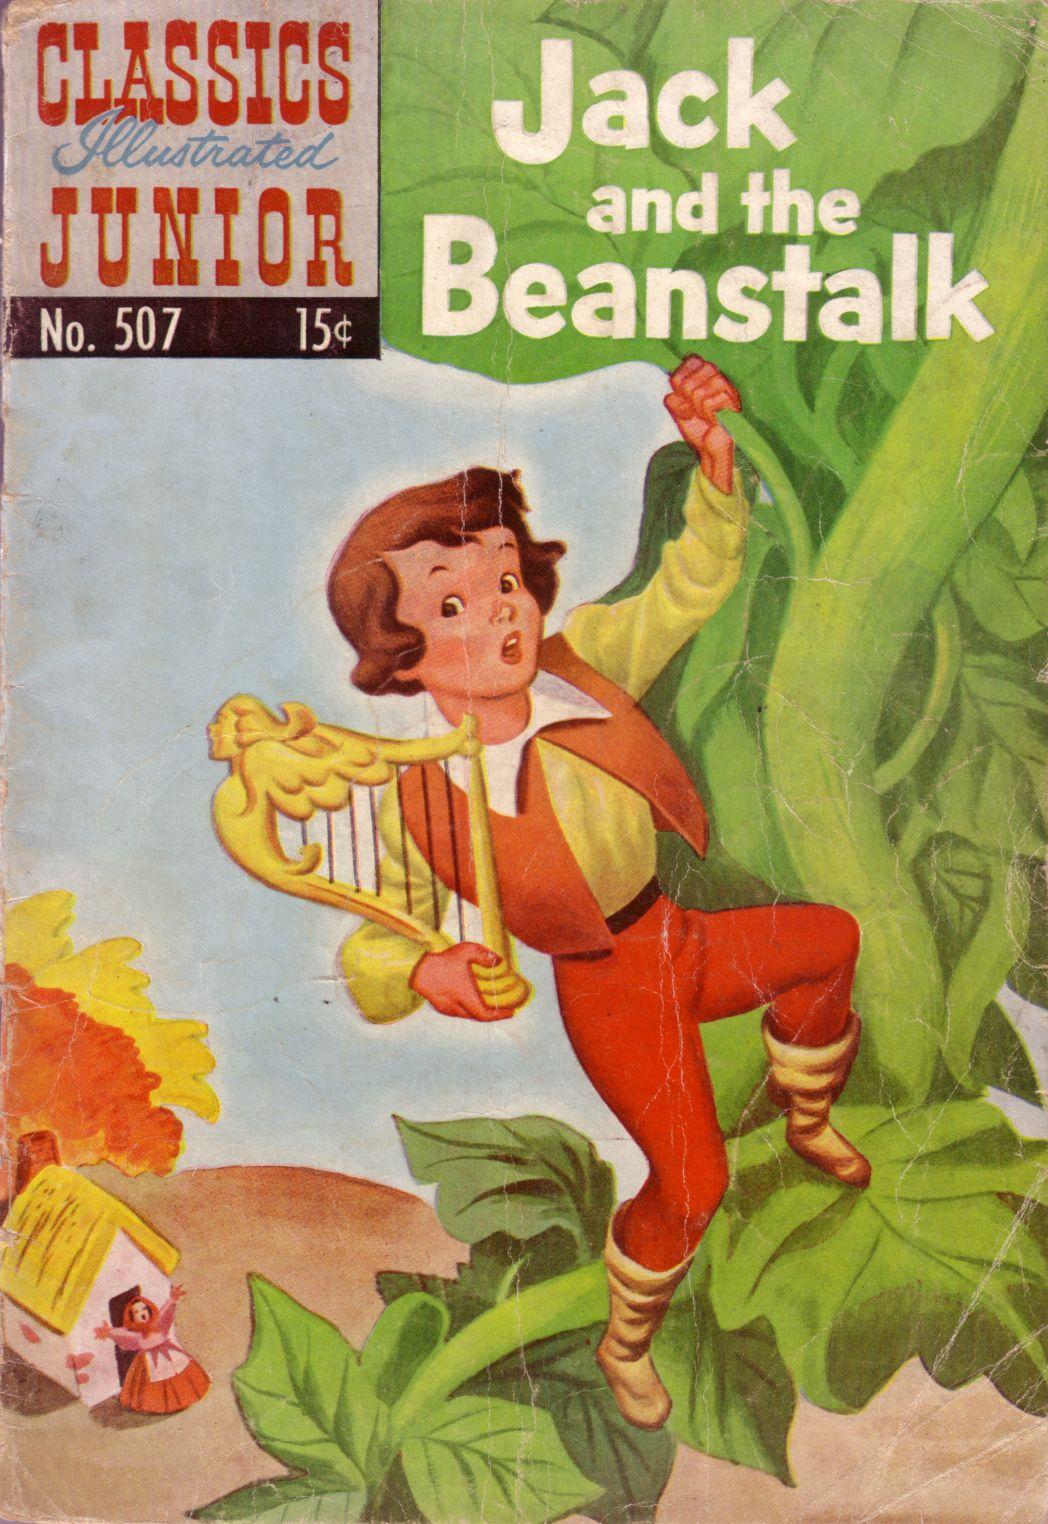 Classics Illustrated Junior 507 Page 1